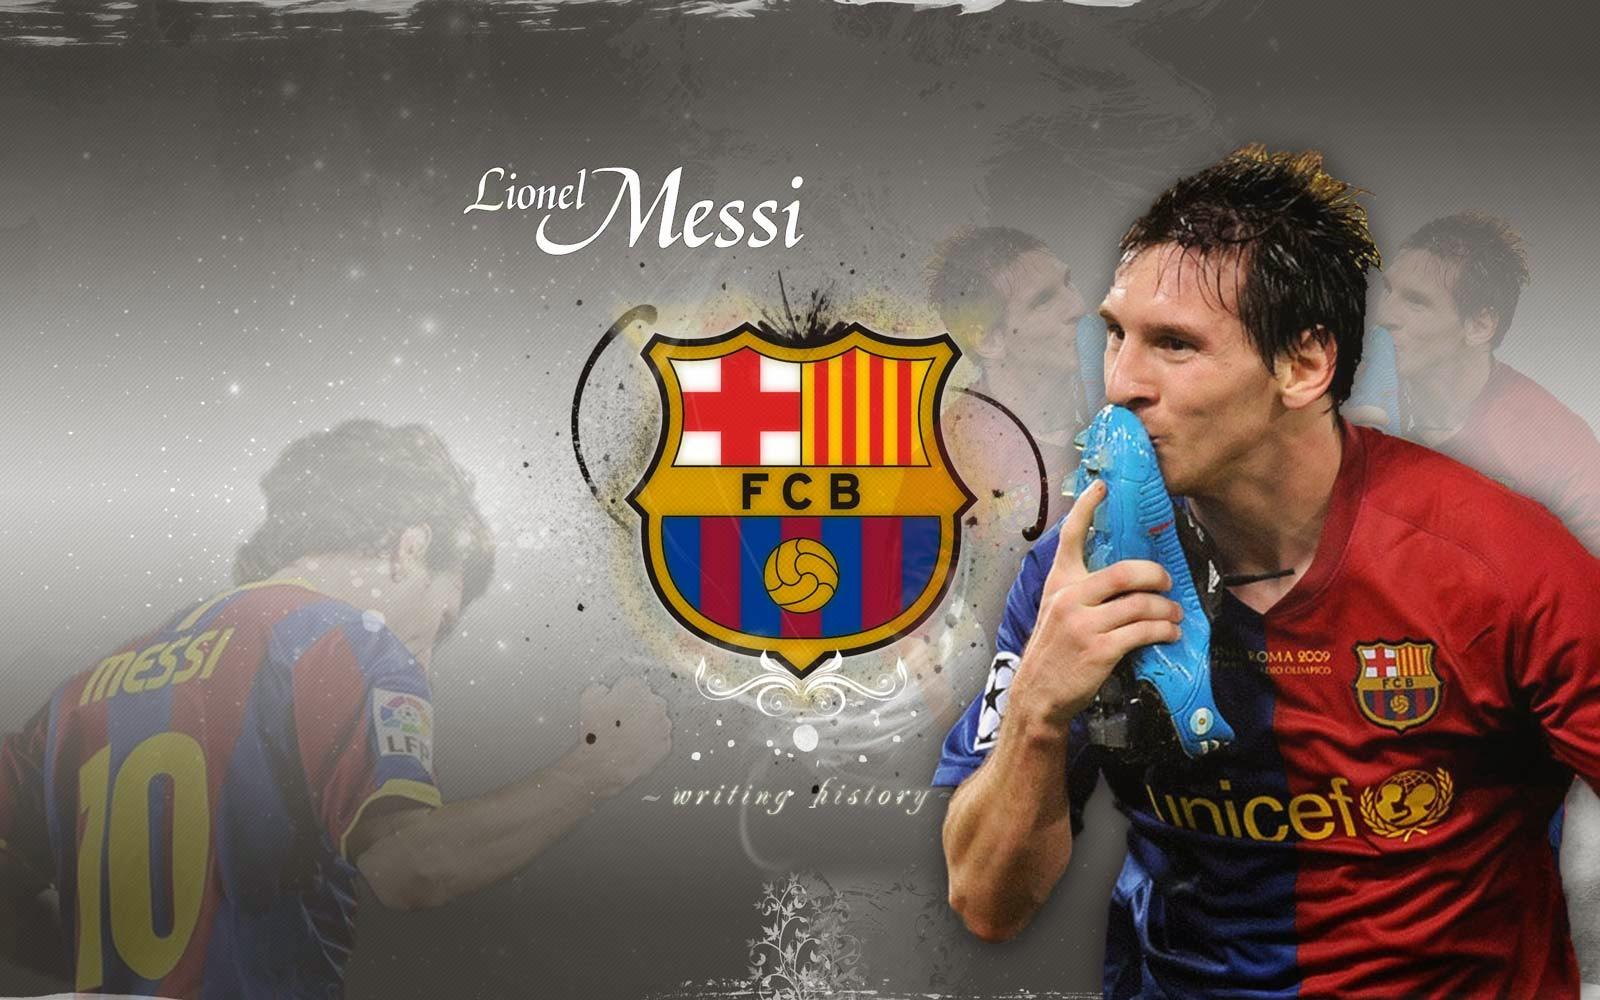 Lionel Messi Wallpaper - Football Wallpaper HD